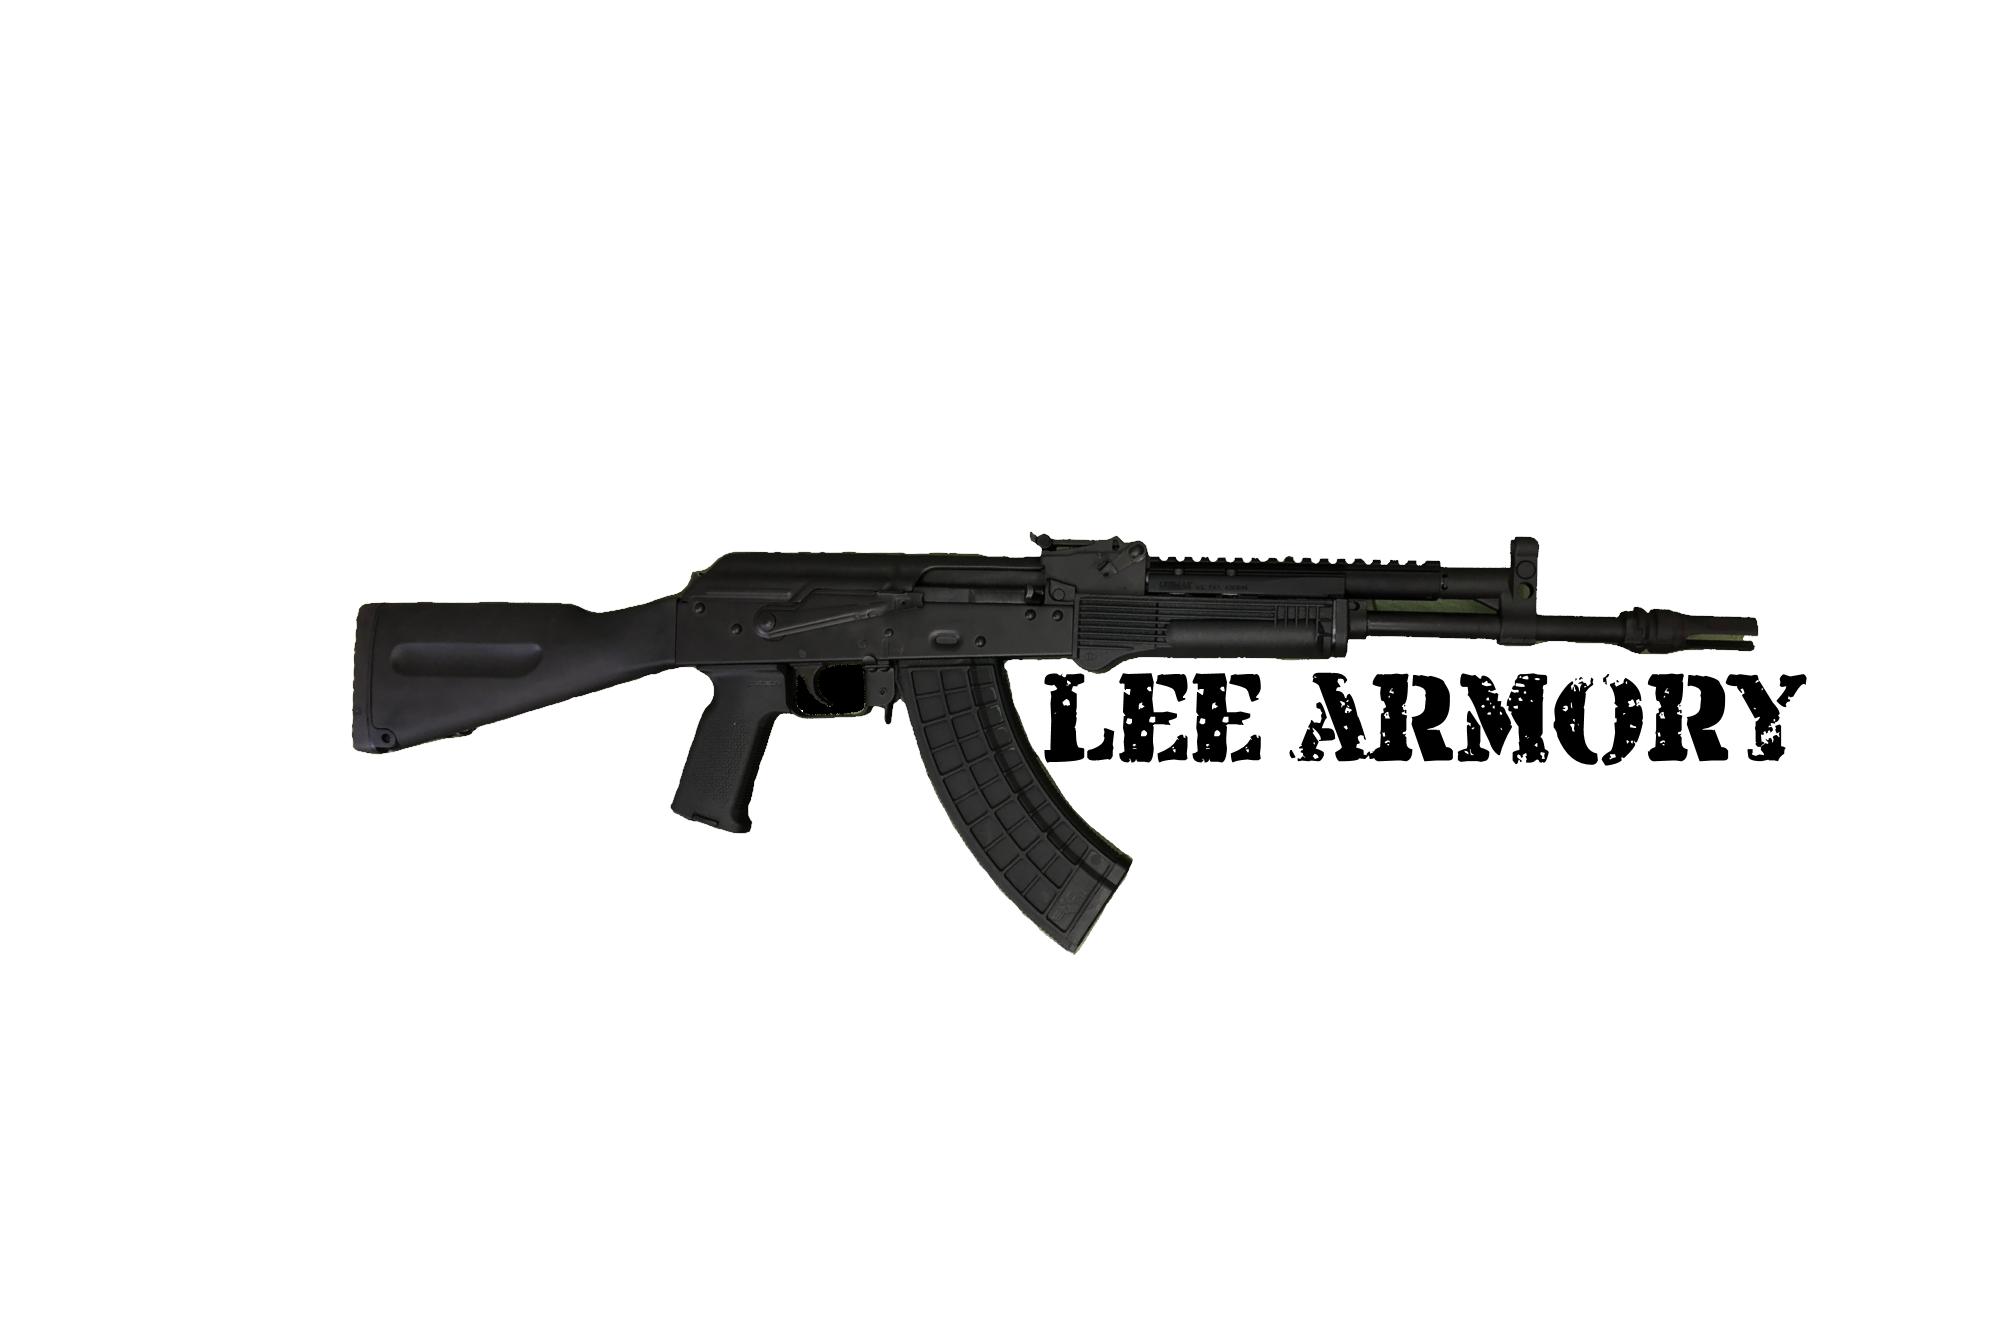 Lee Armory Dead Air Special AK-47 Rifle 7 62x39